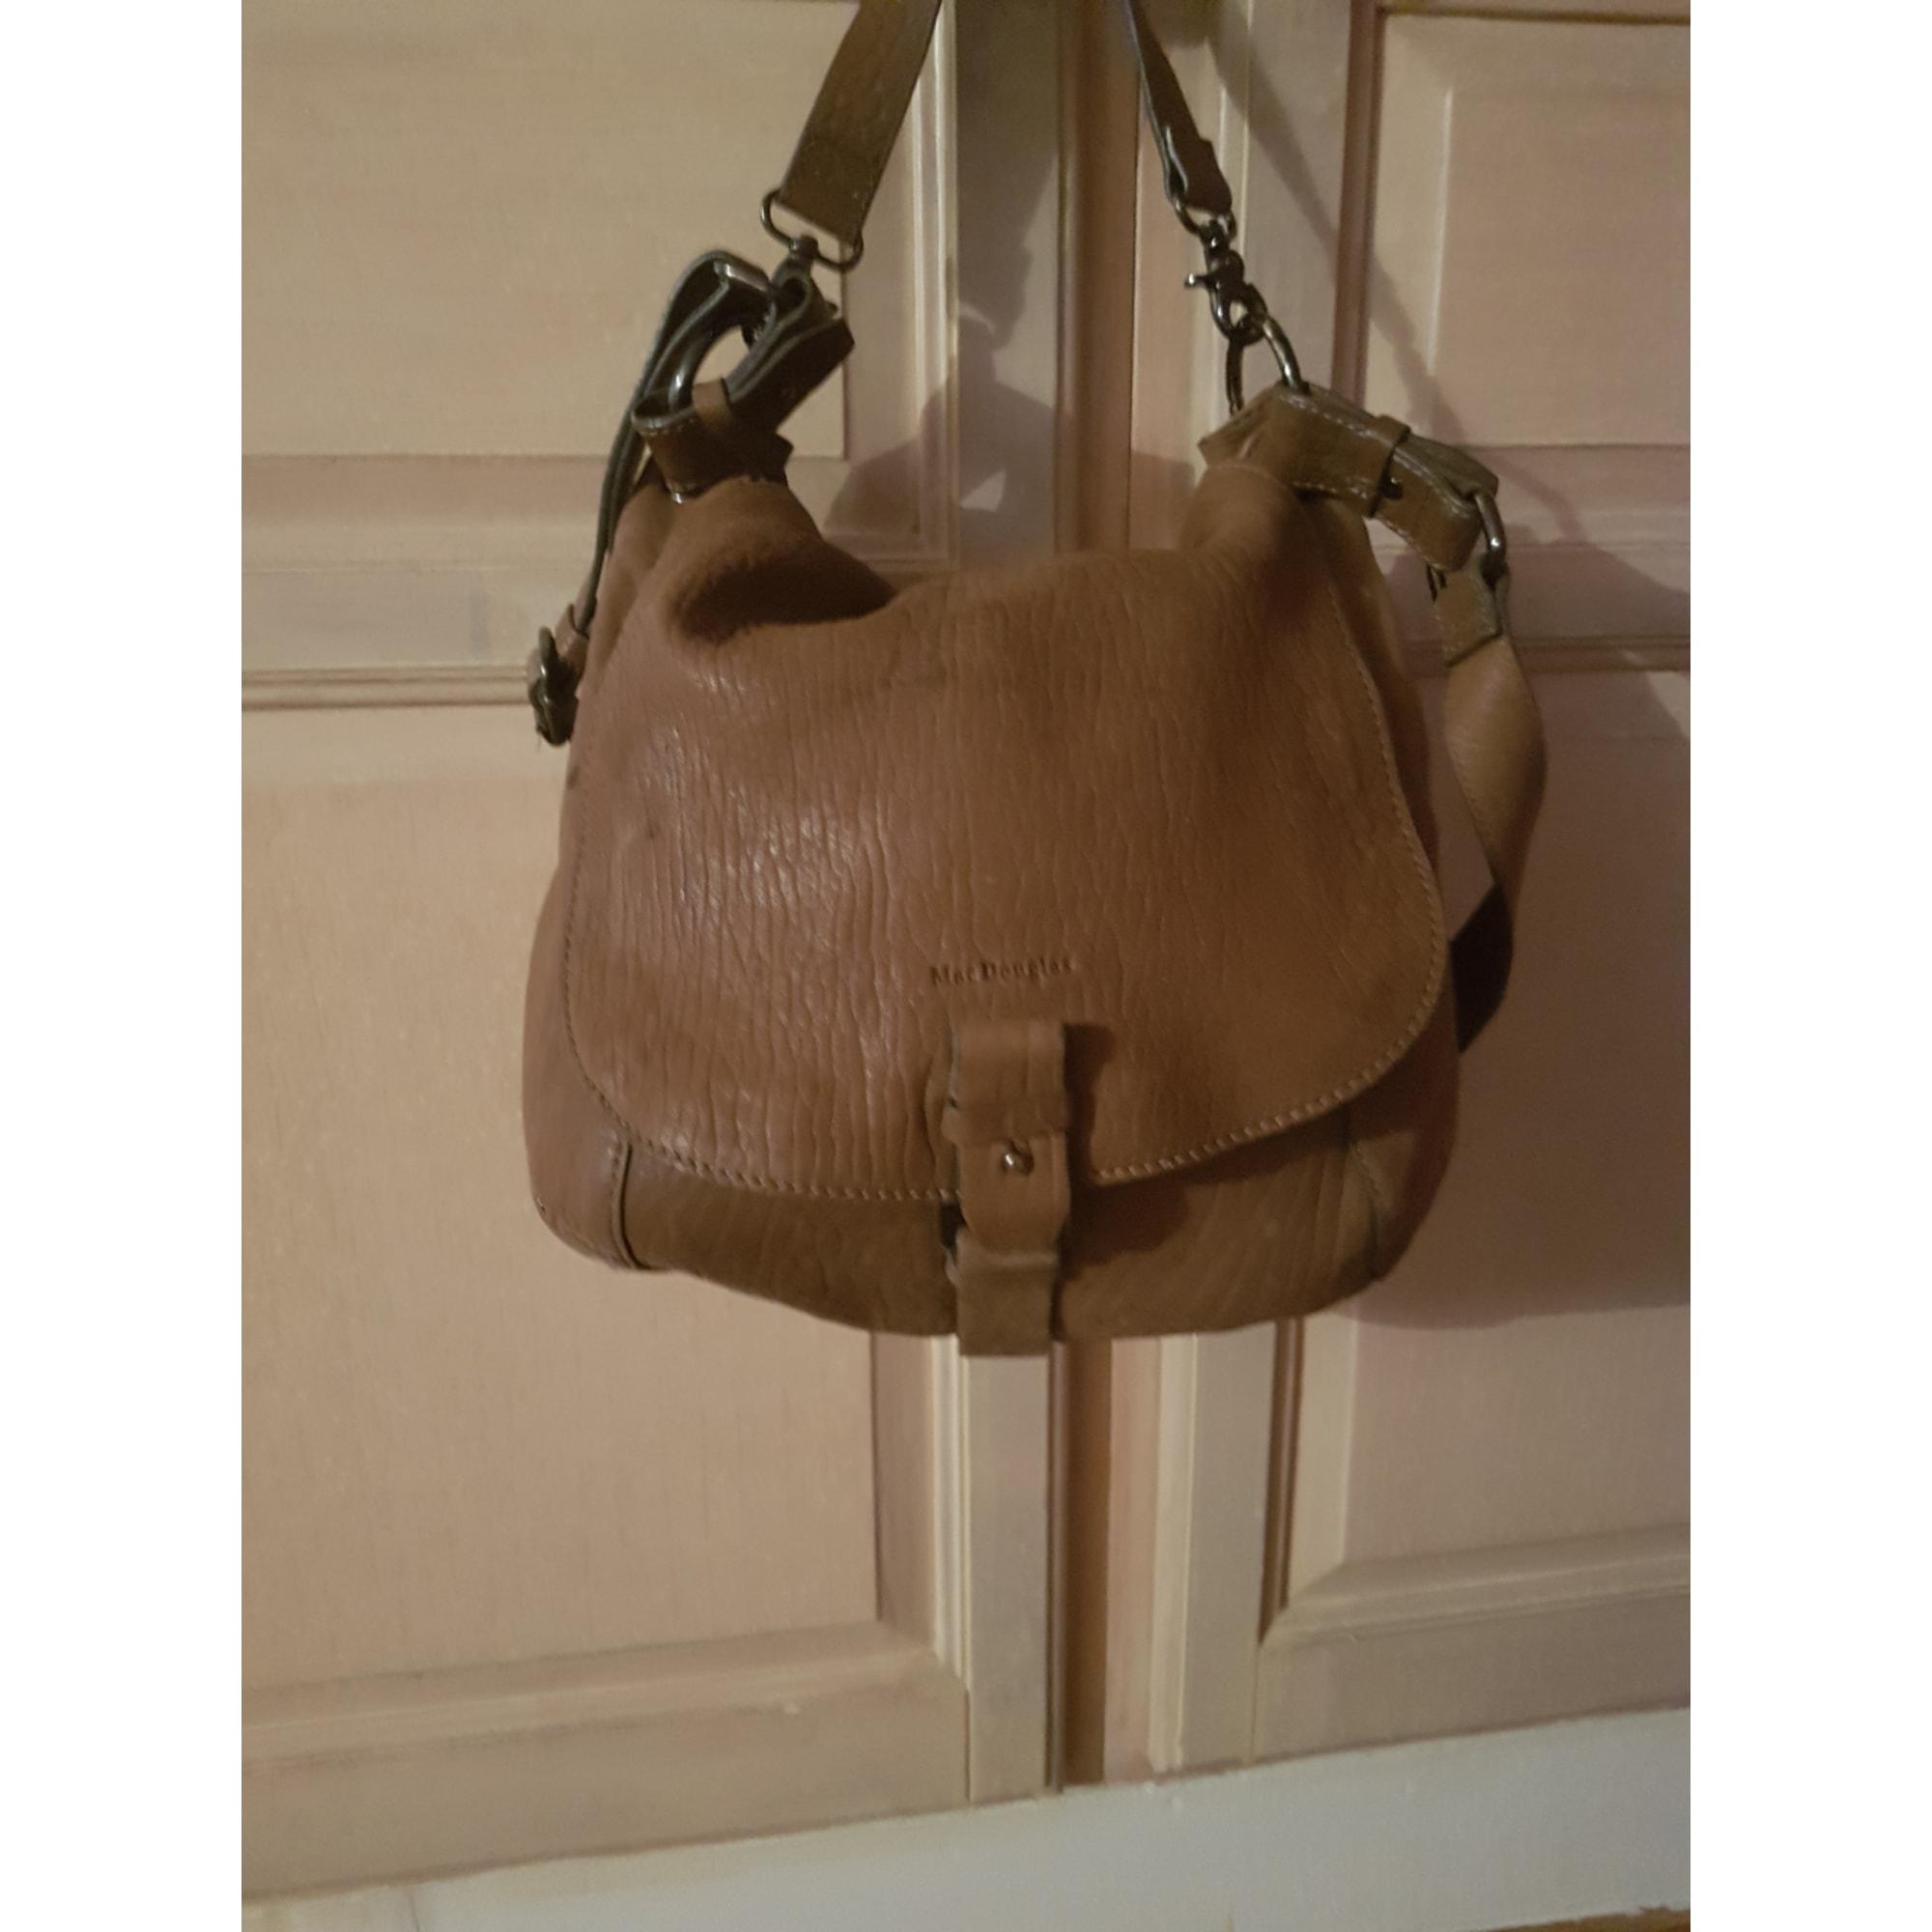 30946626dc Sac en bandoulière en cuir MAC DOUGLAS marron vendu par Manue122877 ...